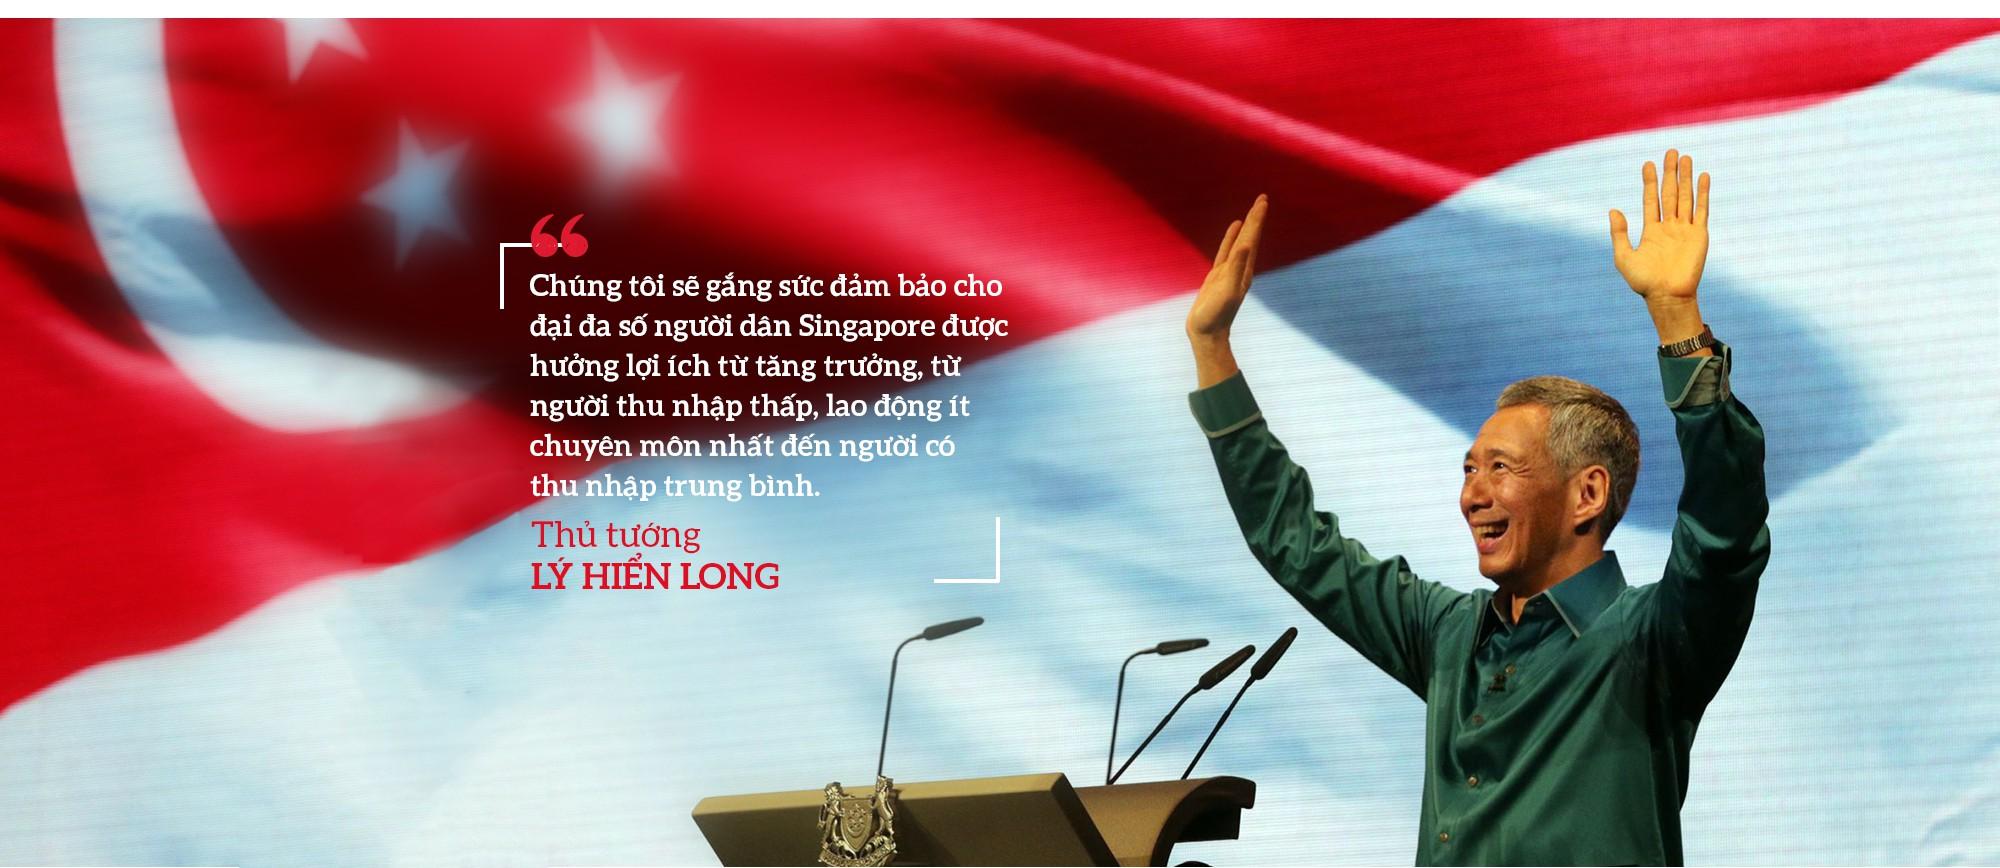 Lý Hiển Long: Người đưa Singapore vượt khủng hoảng tới thịnh vượng với định hướng toàn cầu hóa - Ảnh 11.